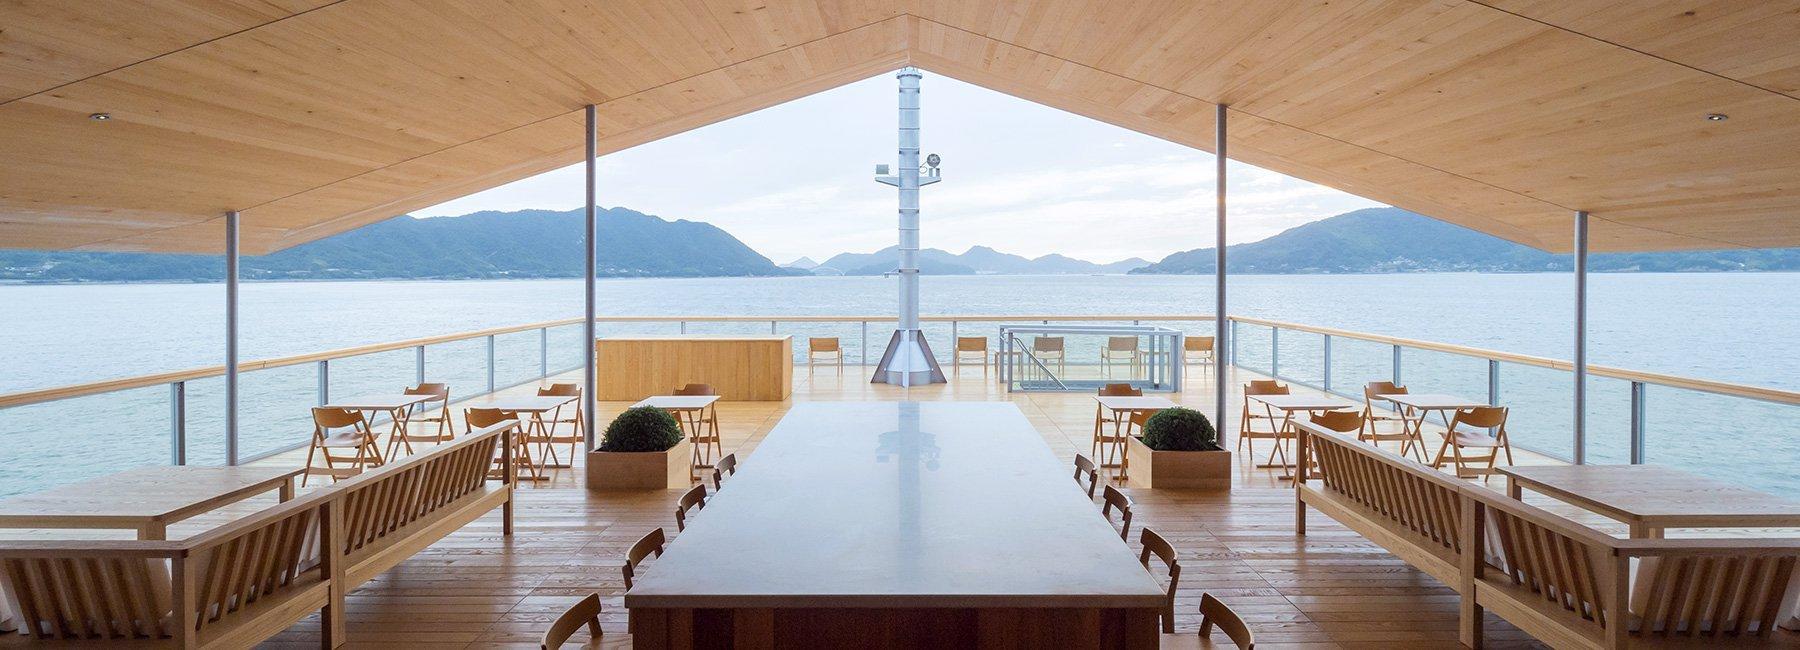 Guntu Floating hotel